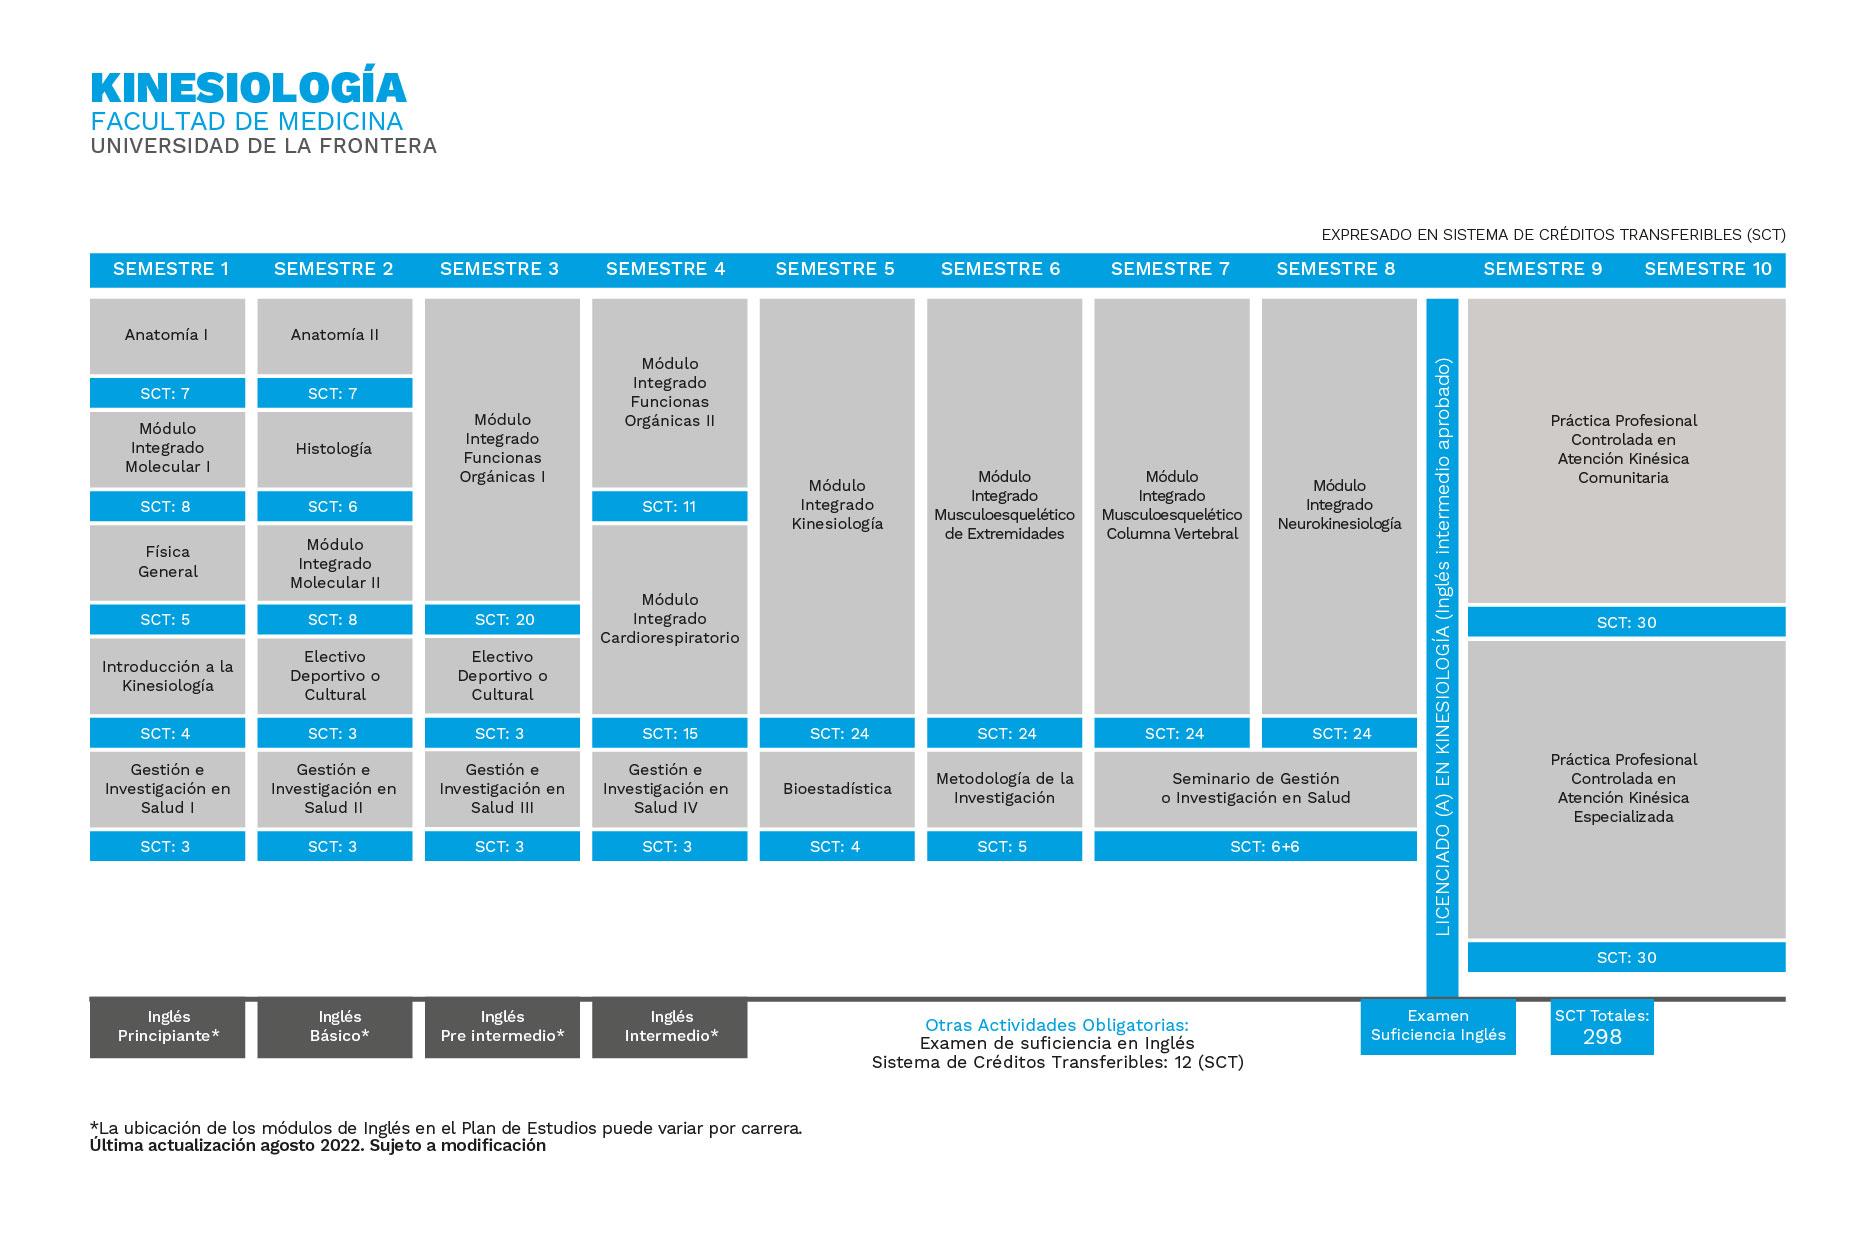 Plan de Estudios Kinesiología Universidad de La Frontera